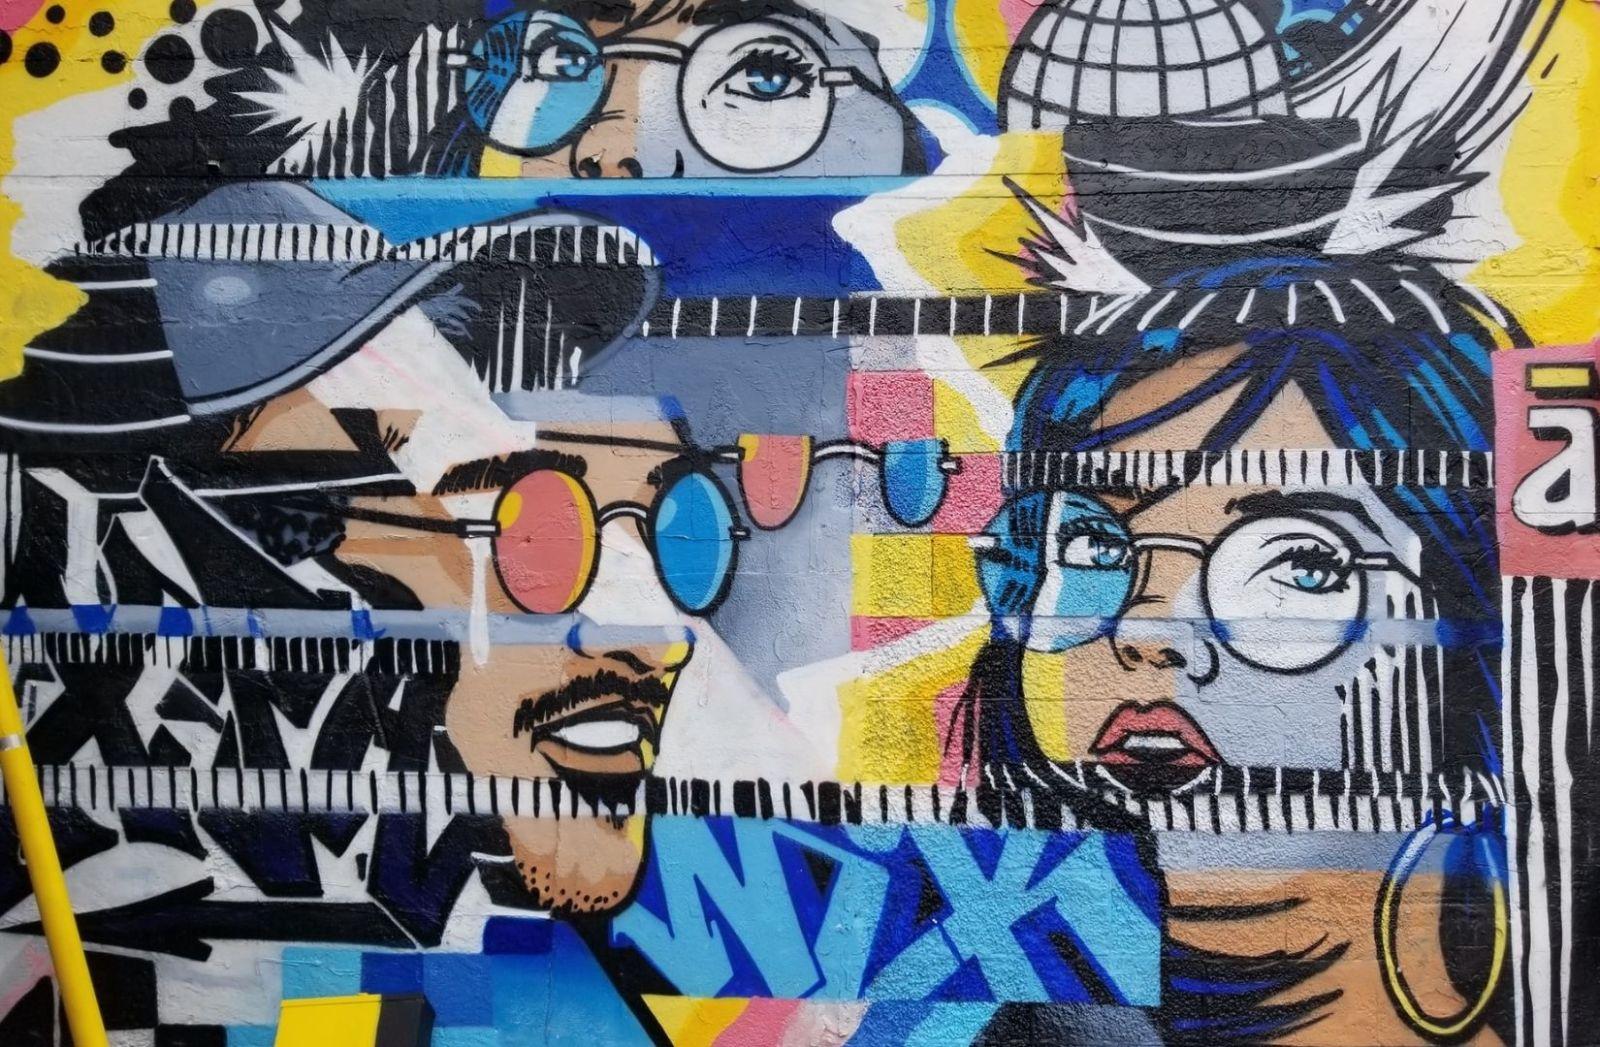 Verraten und verkauft ist diese Streetart. Sie befindet sich auf einer Baustelle in Miami. (Foto: George Pagan III, Unsplash.com)